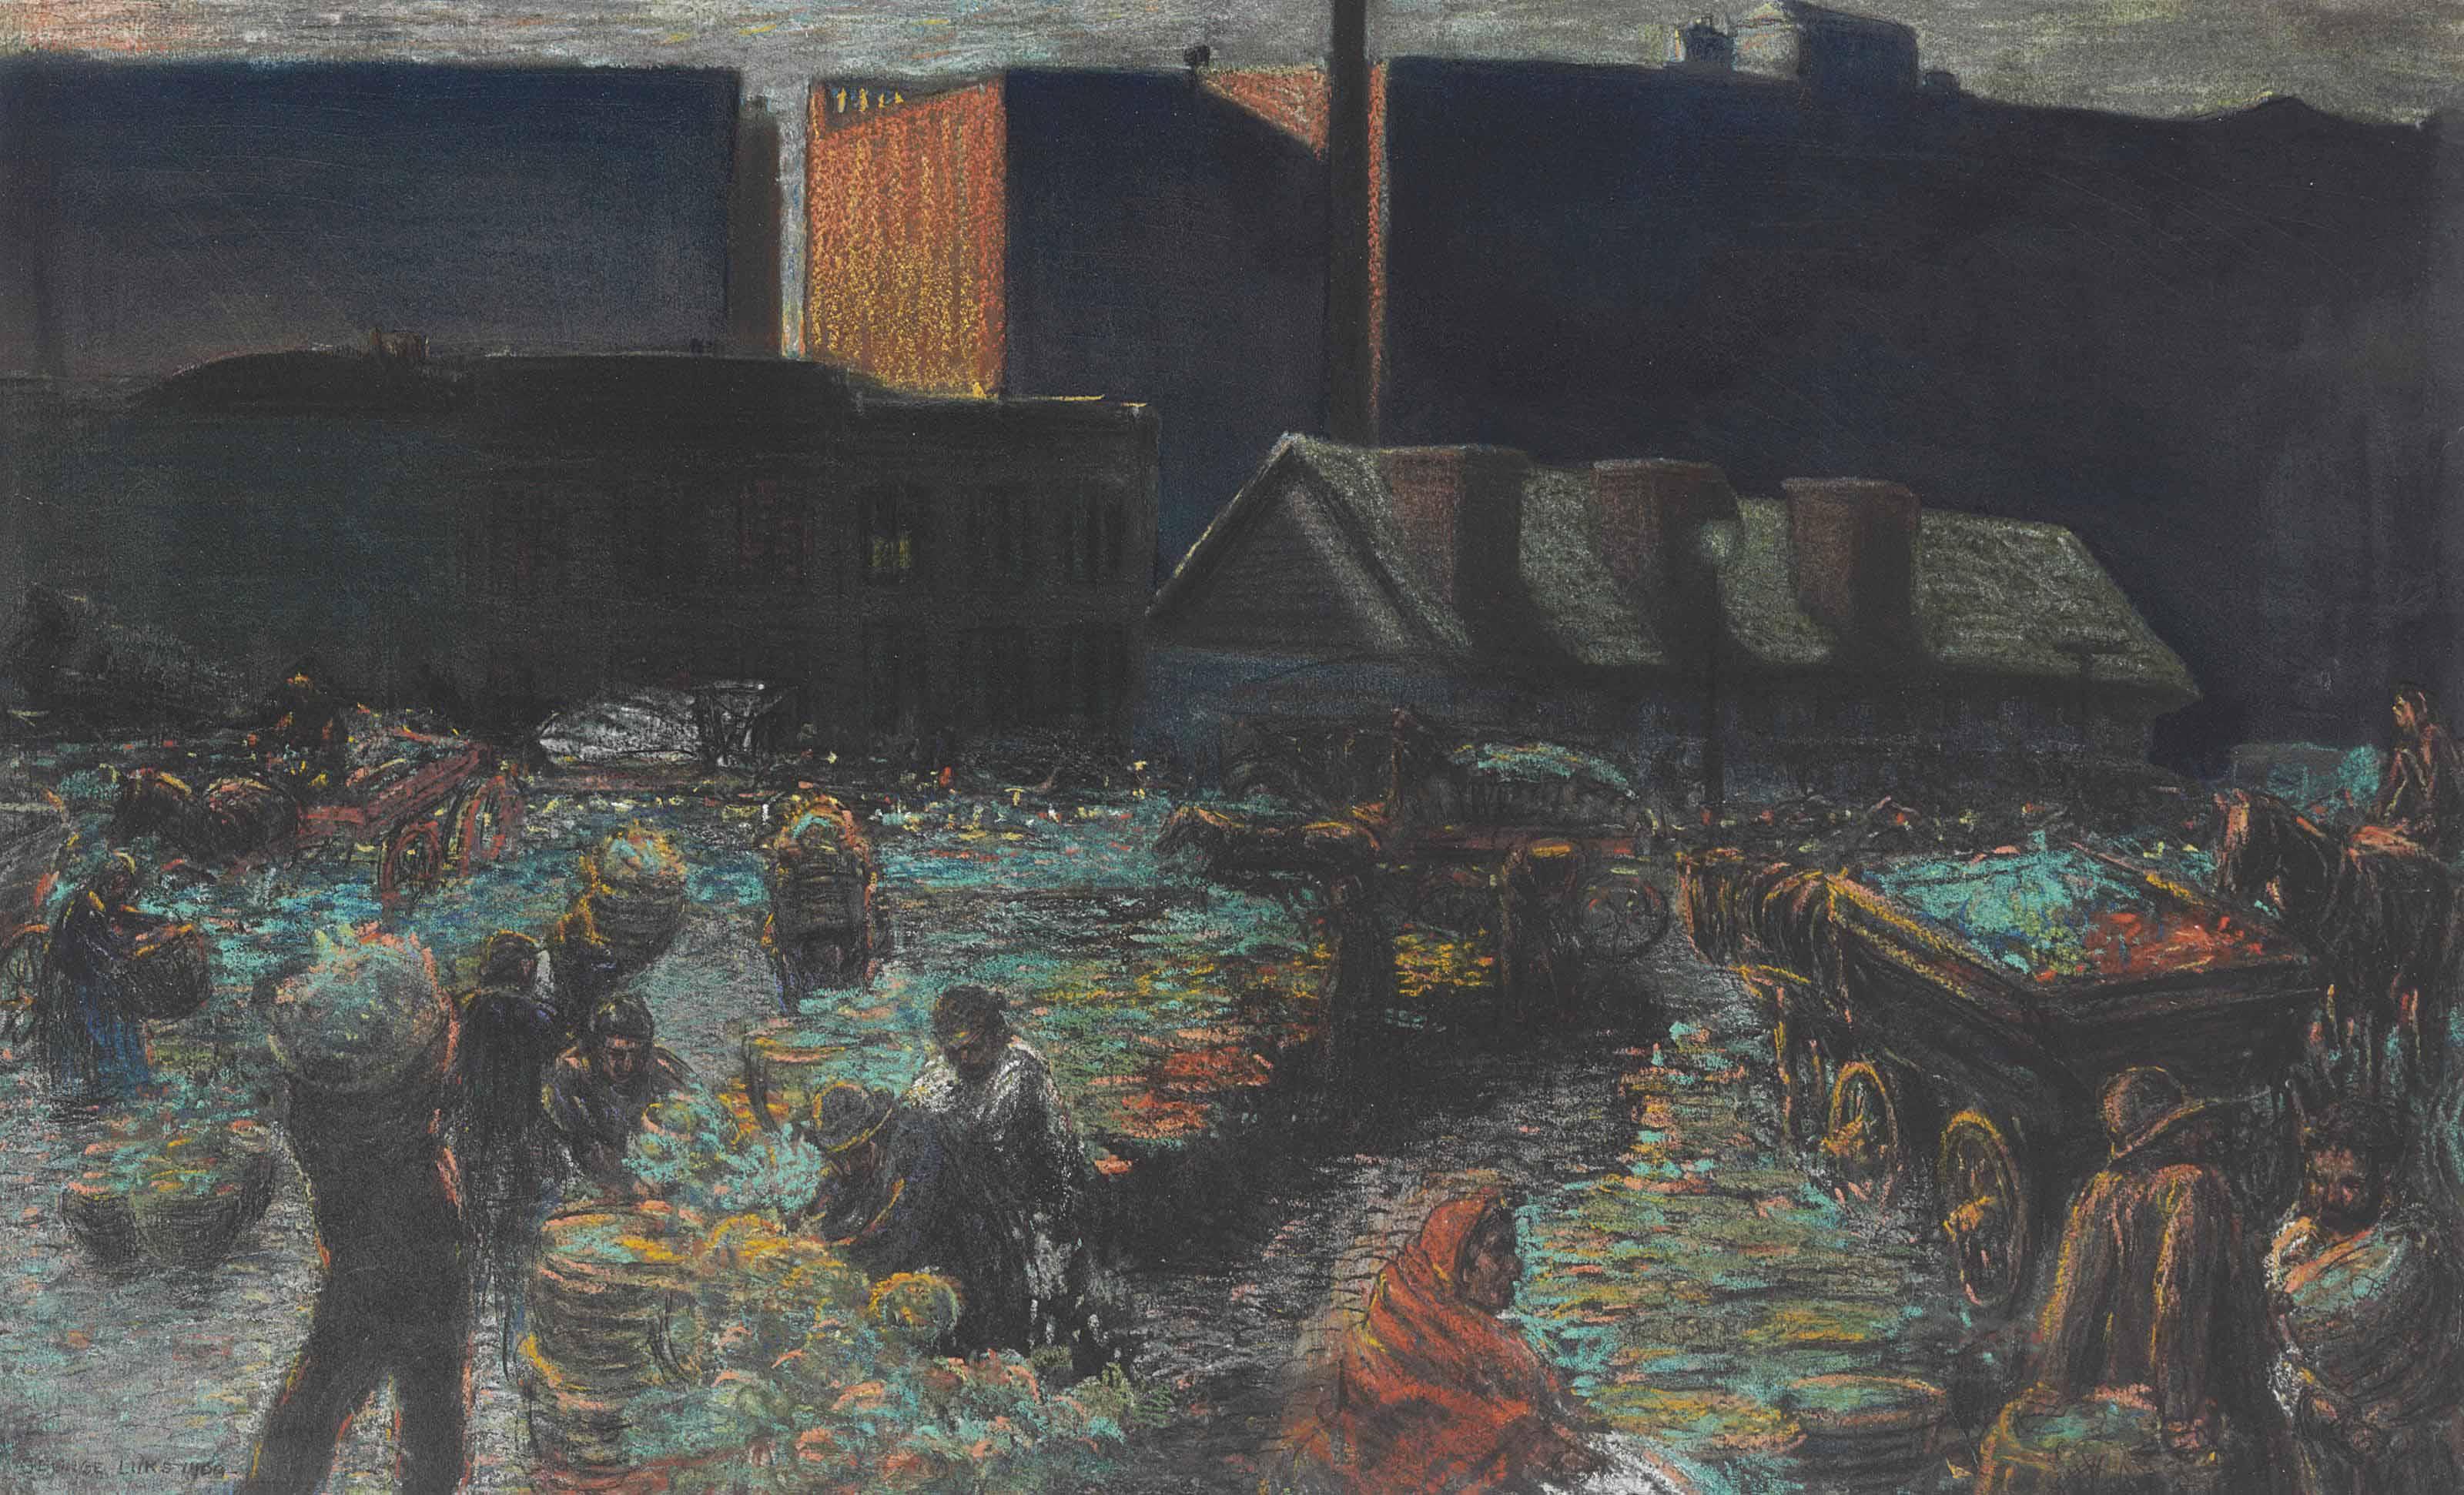 Market at Dawn